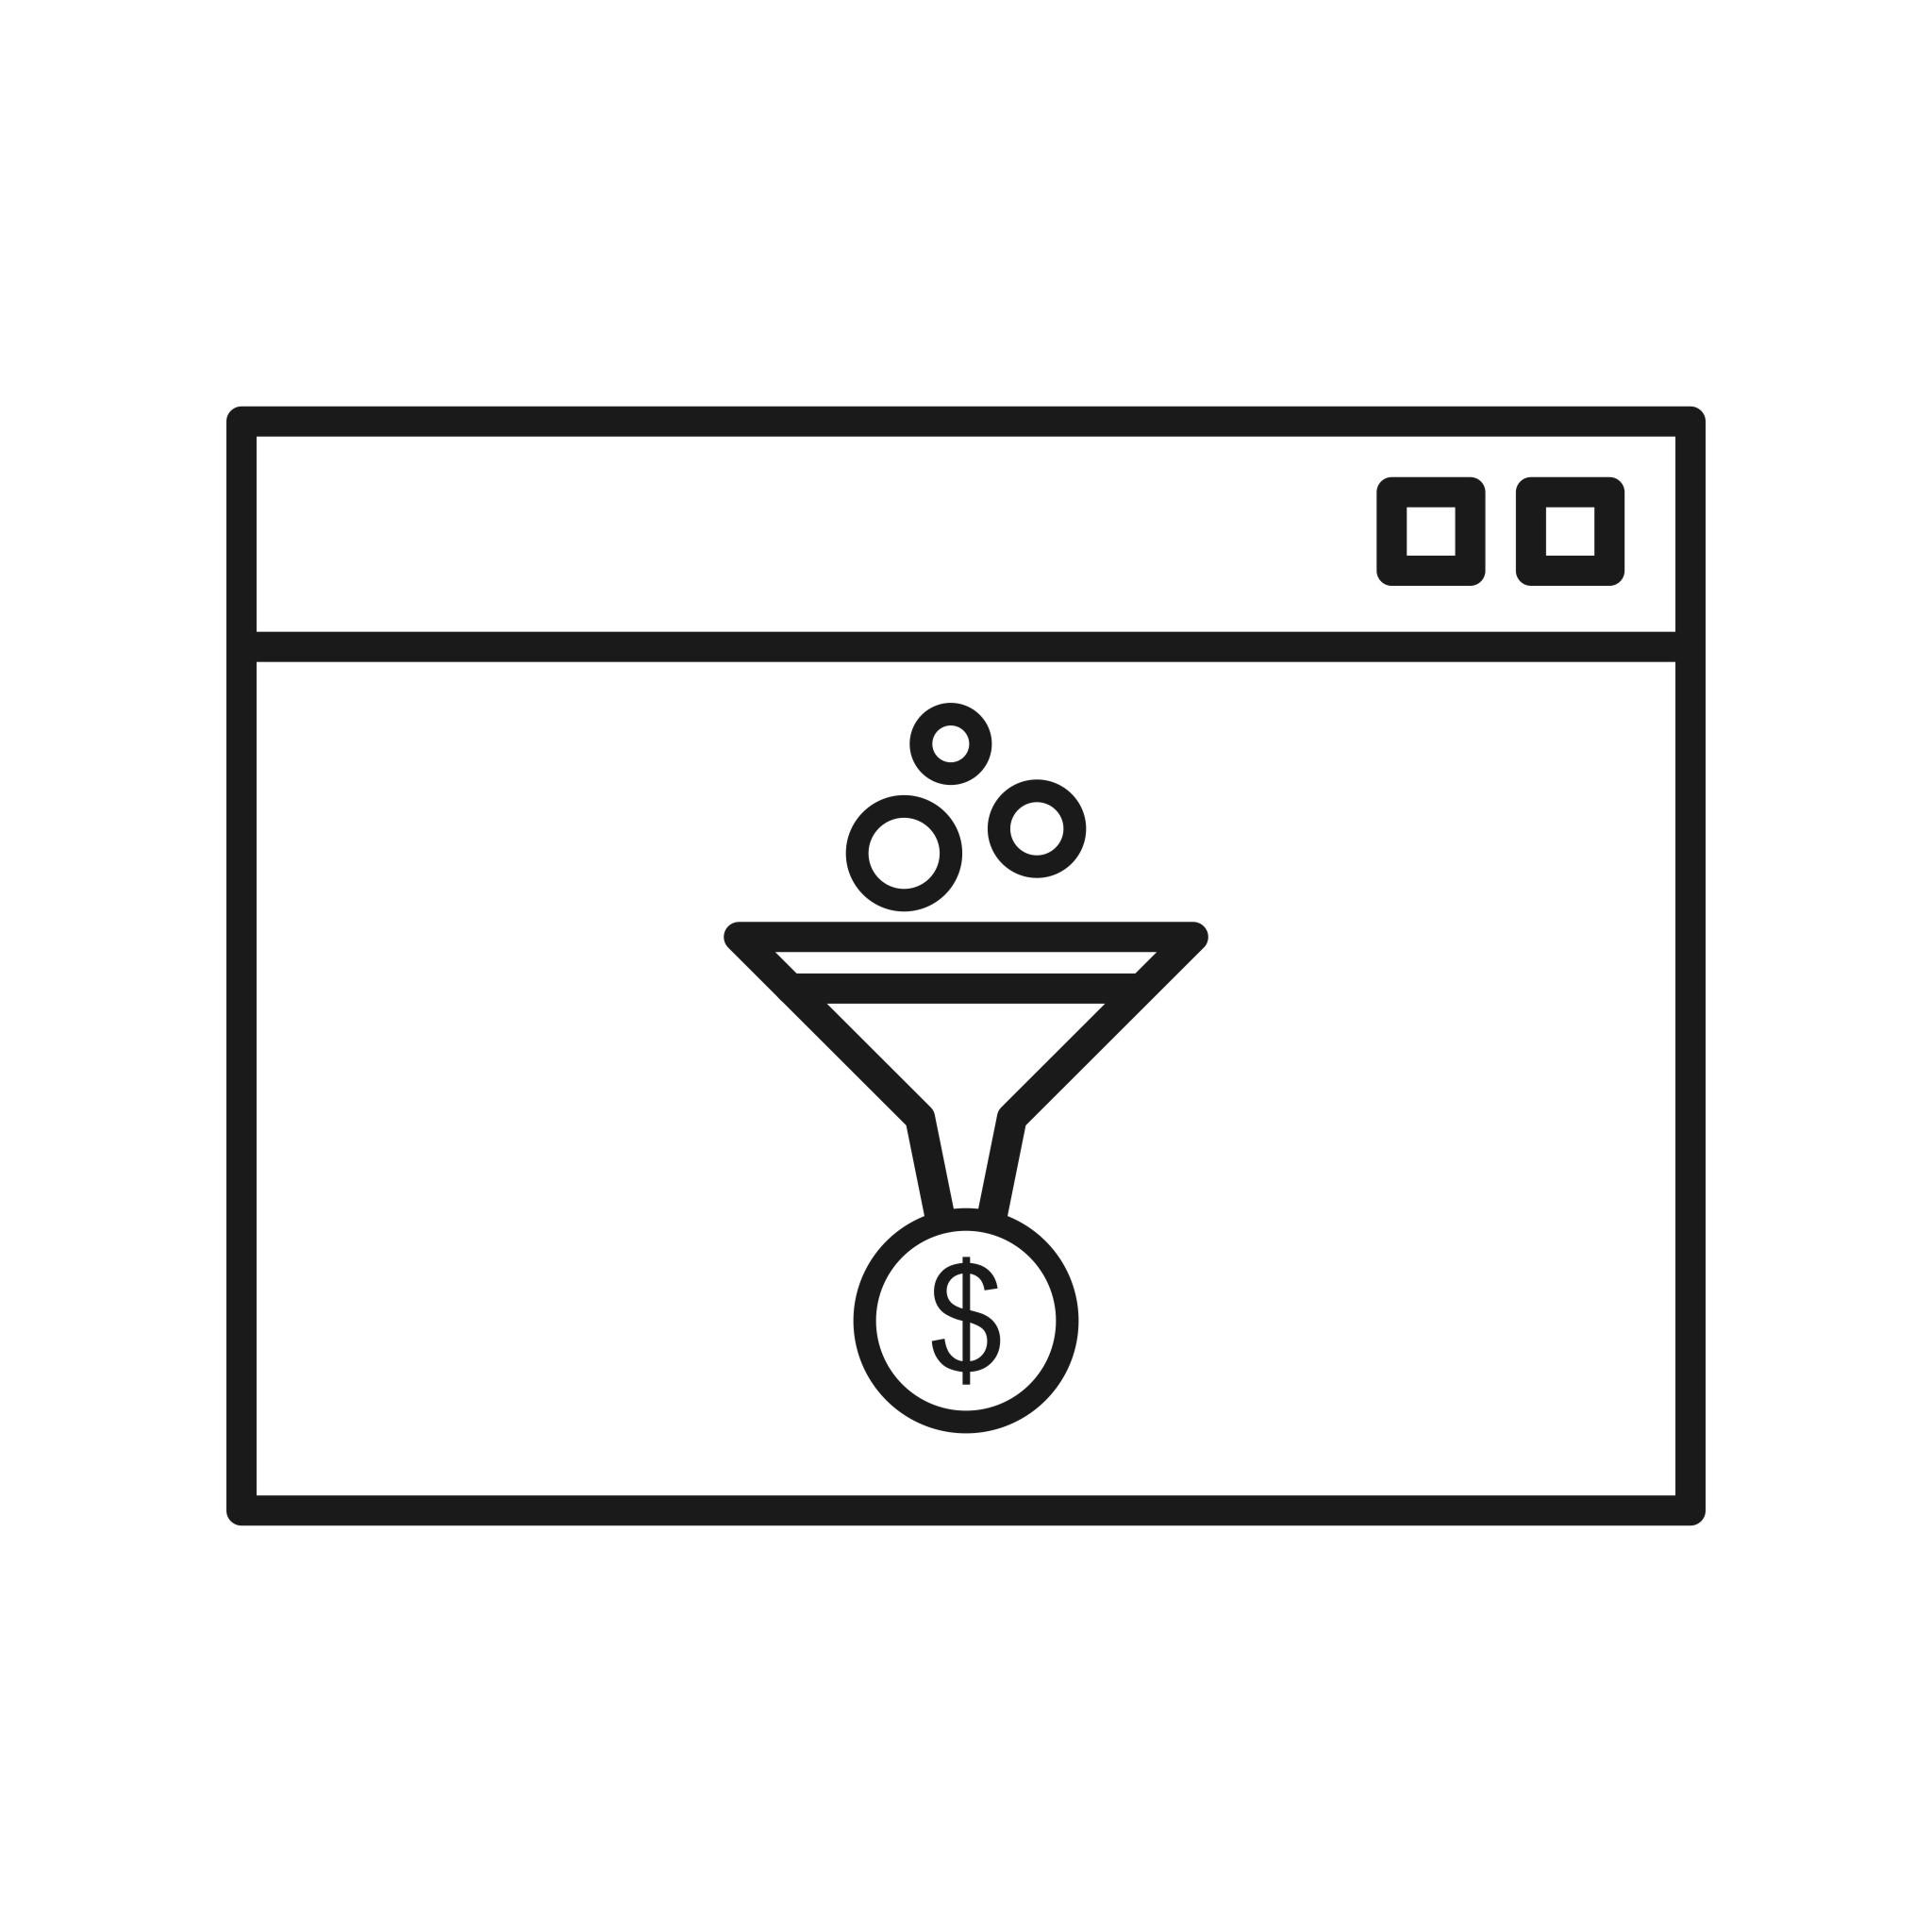 Web Conversion Seo Line Icon